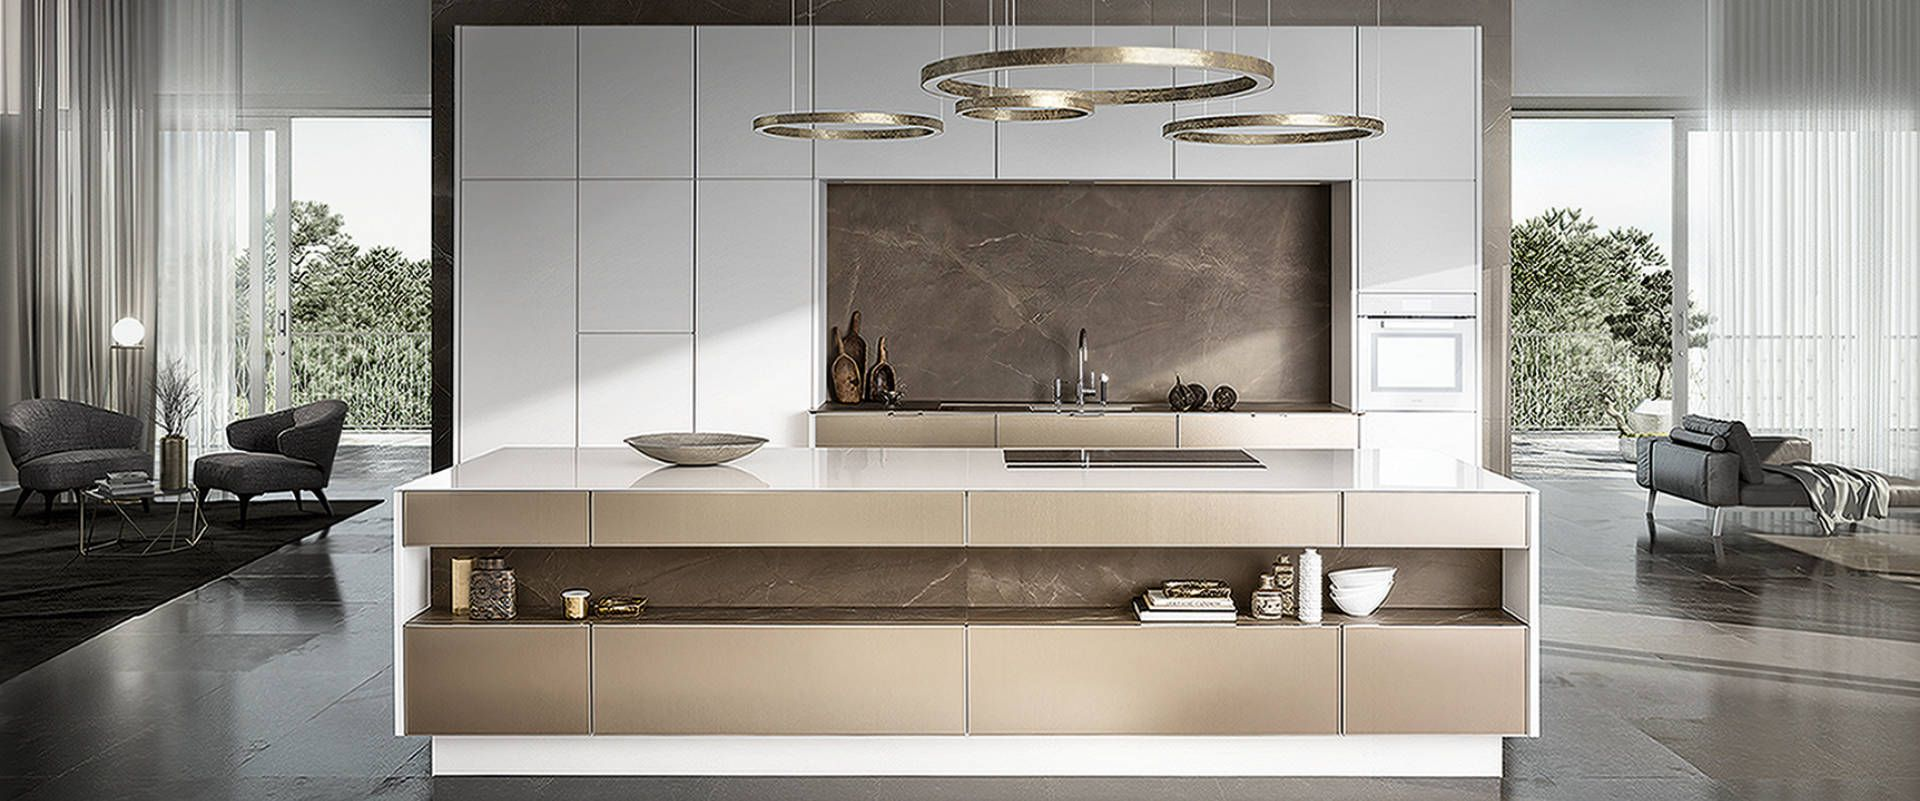 Siematic Pure Küche, Exklusive Kochwelten, FRETZ Konstanz am Bodensee